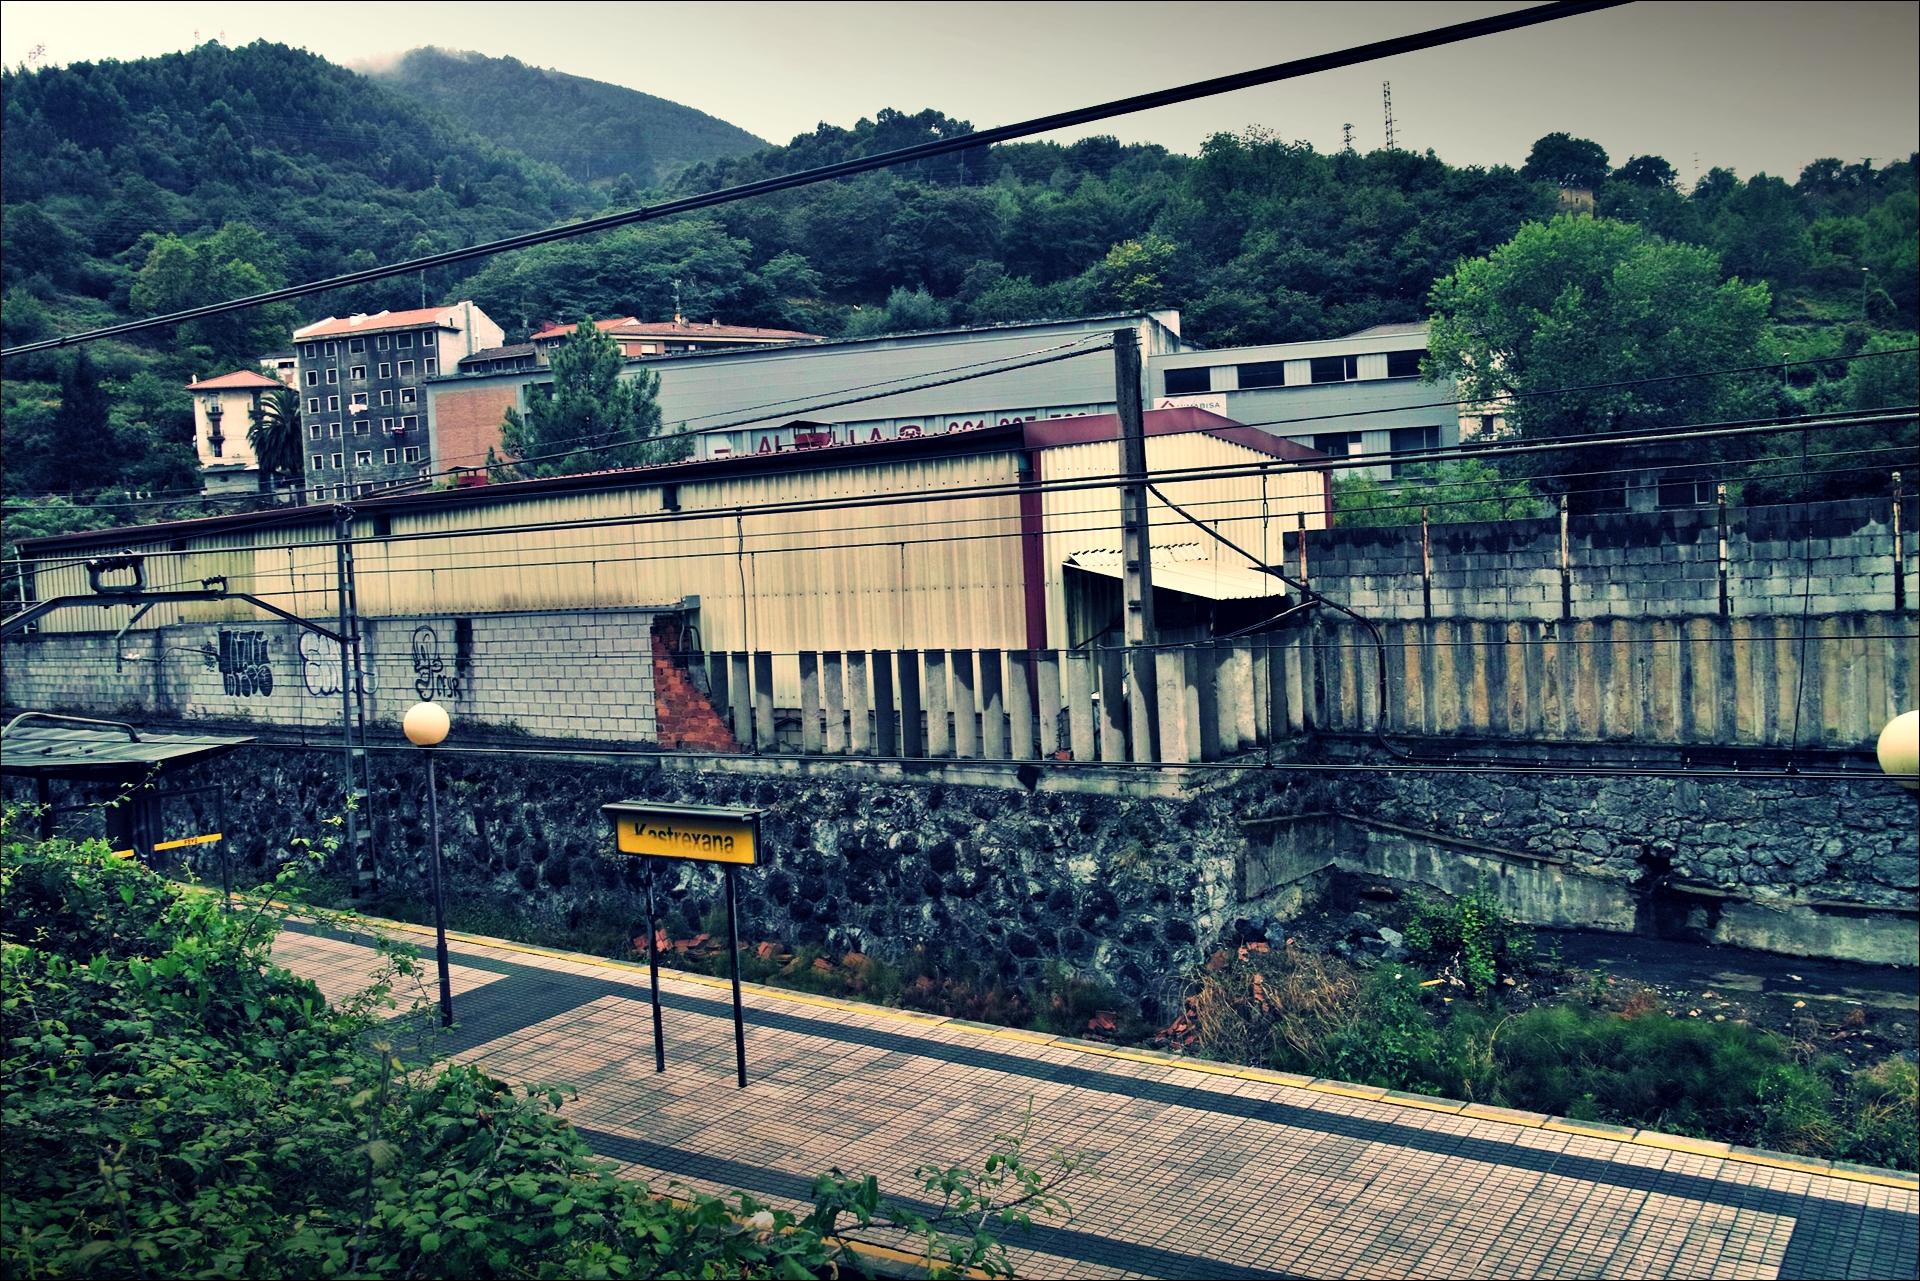 기차역-'카미노 데 산티아고 북쪽길. 빌바오에서 포르투갈레테. (Camino del Norte - Bilbao to Portugalete)'